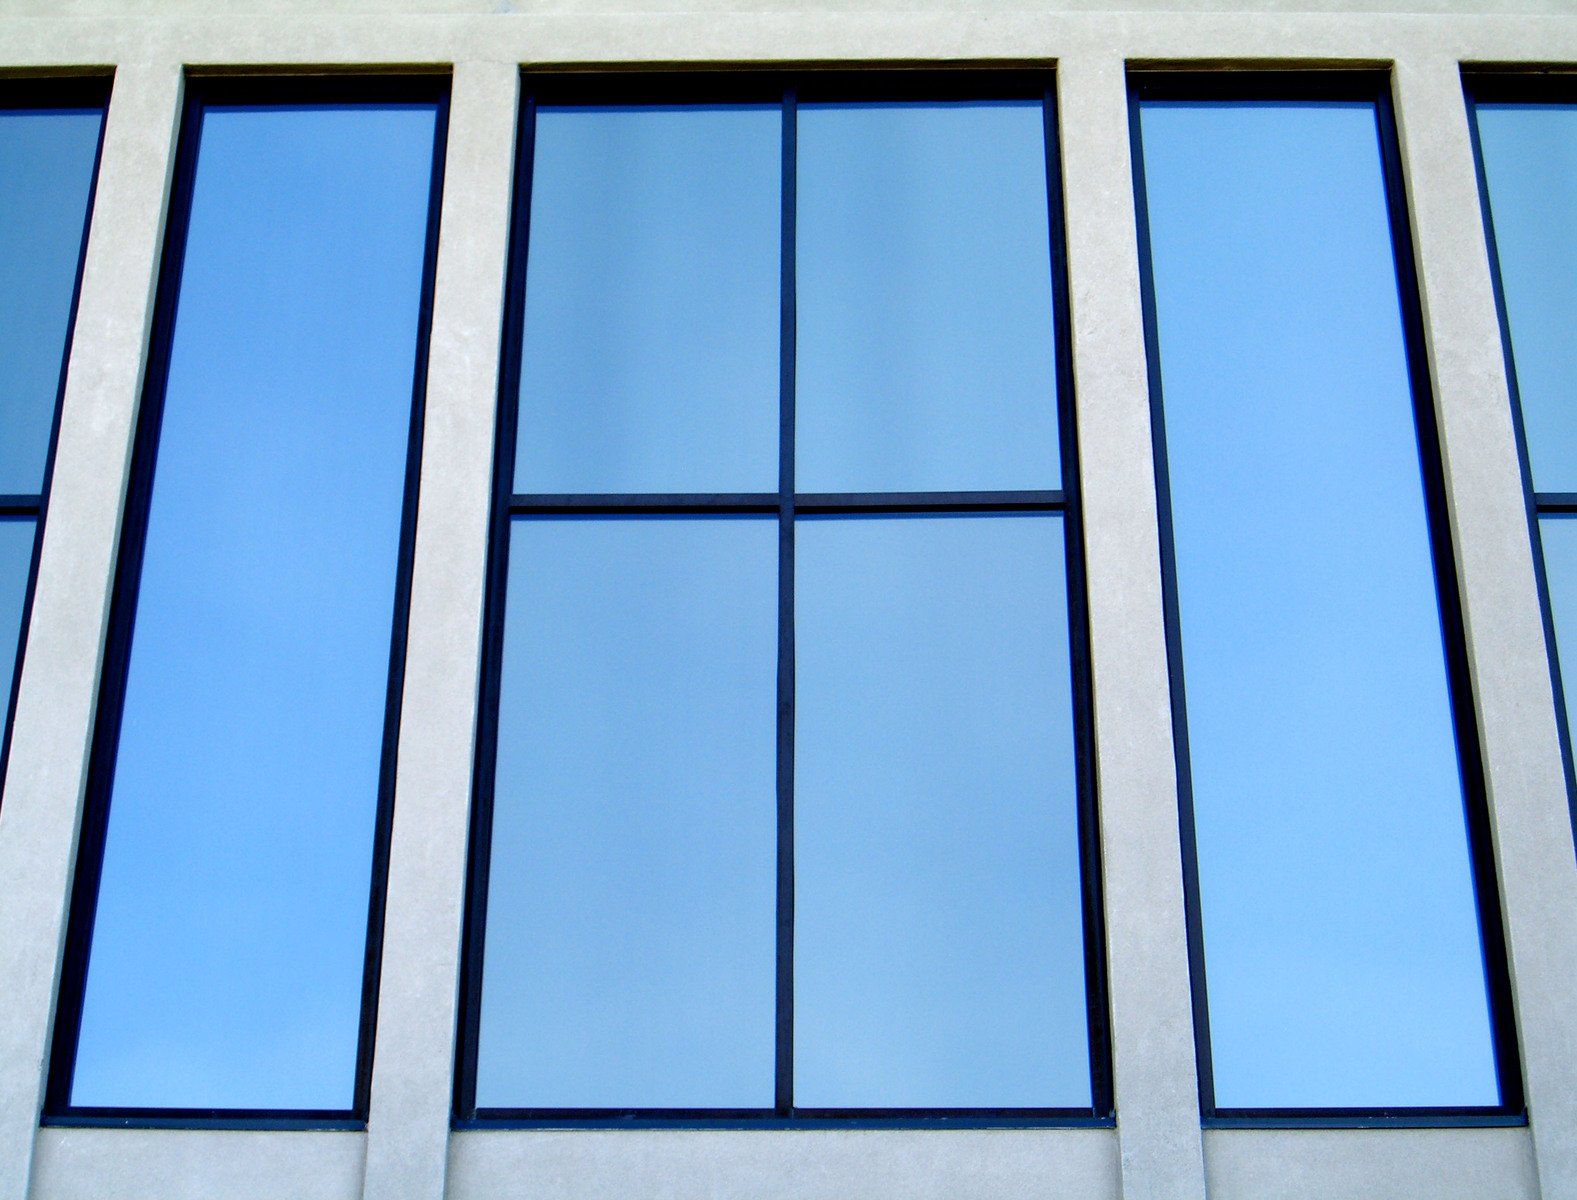 okná s veľkými sklami